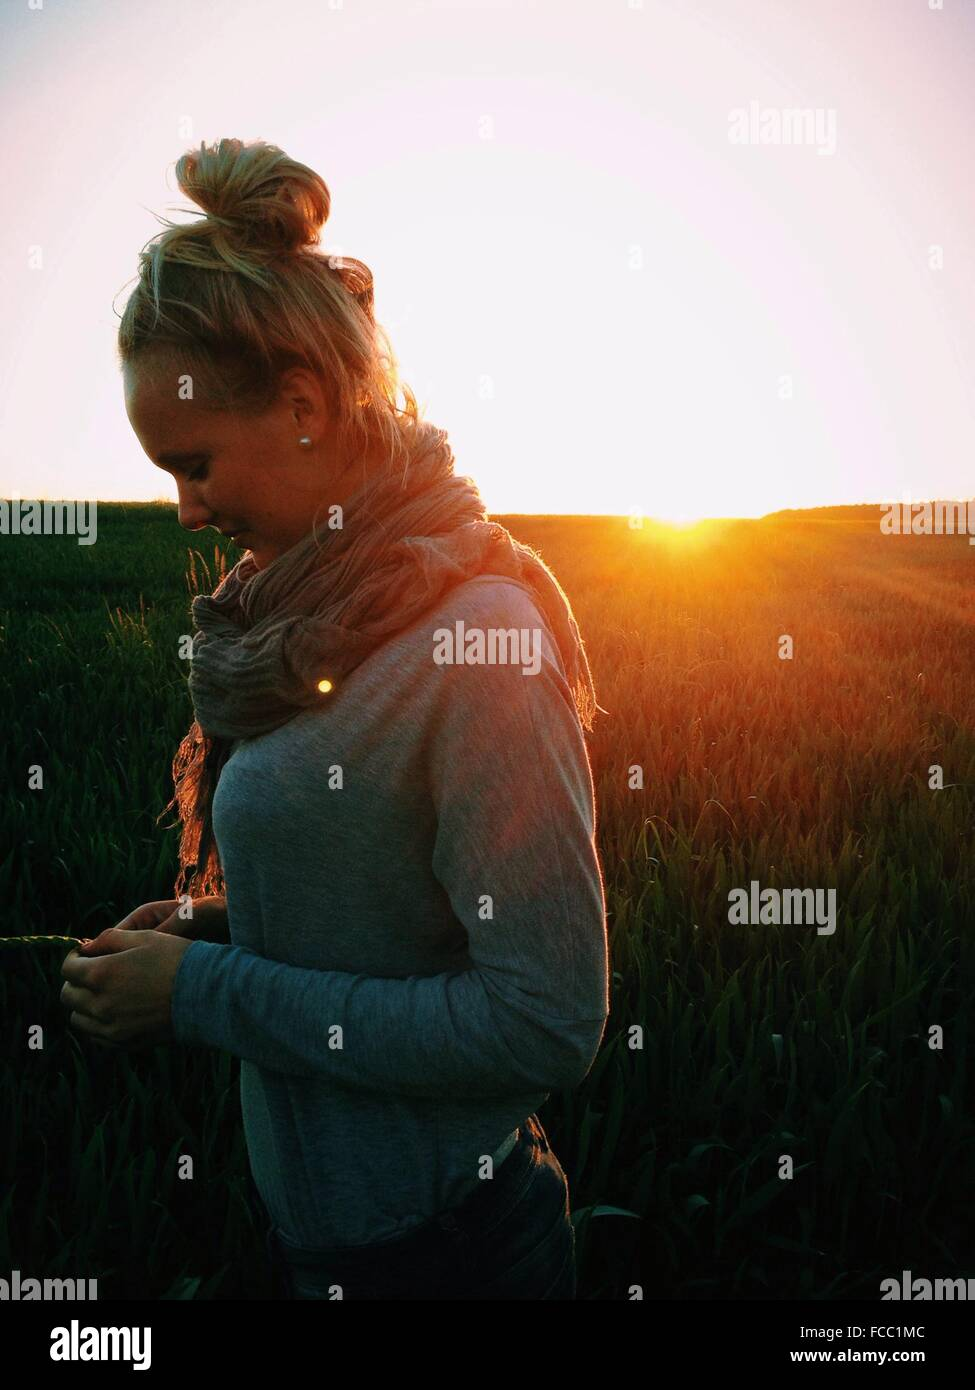 Seitenansicht der jungen Frau auf Feld bei Sonnenuntergang Stockbild